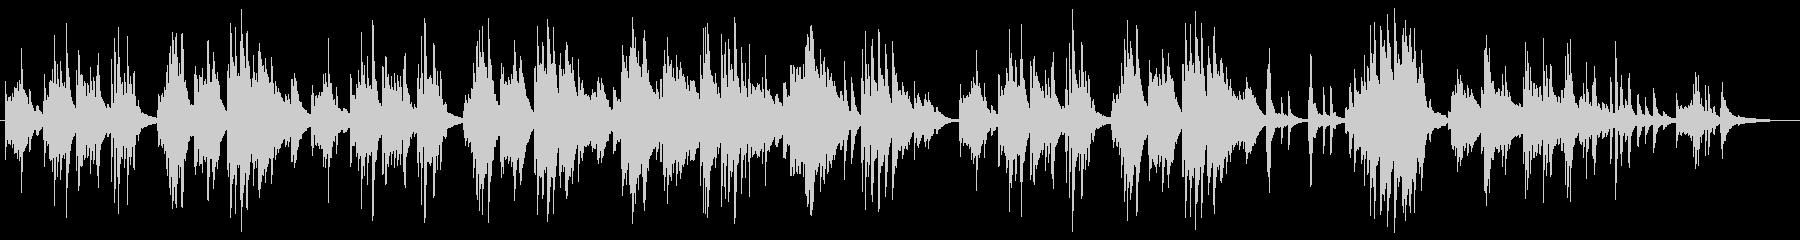 シンプルで心に響く切ないピアノバラードの未再生の波形